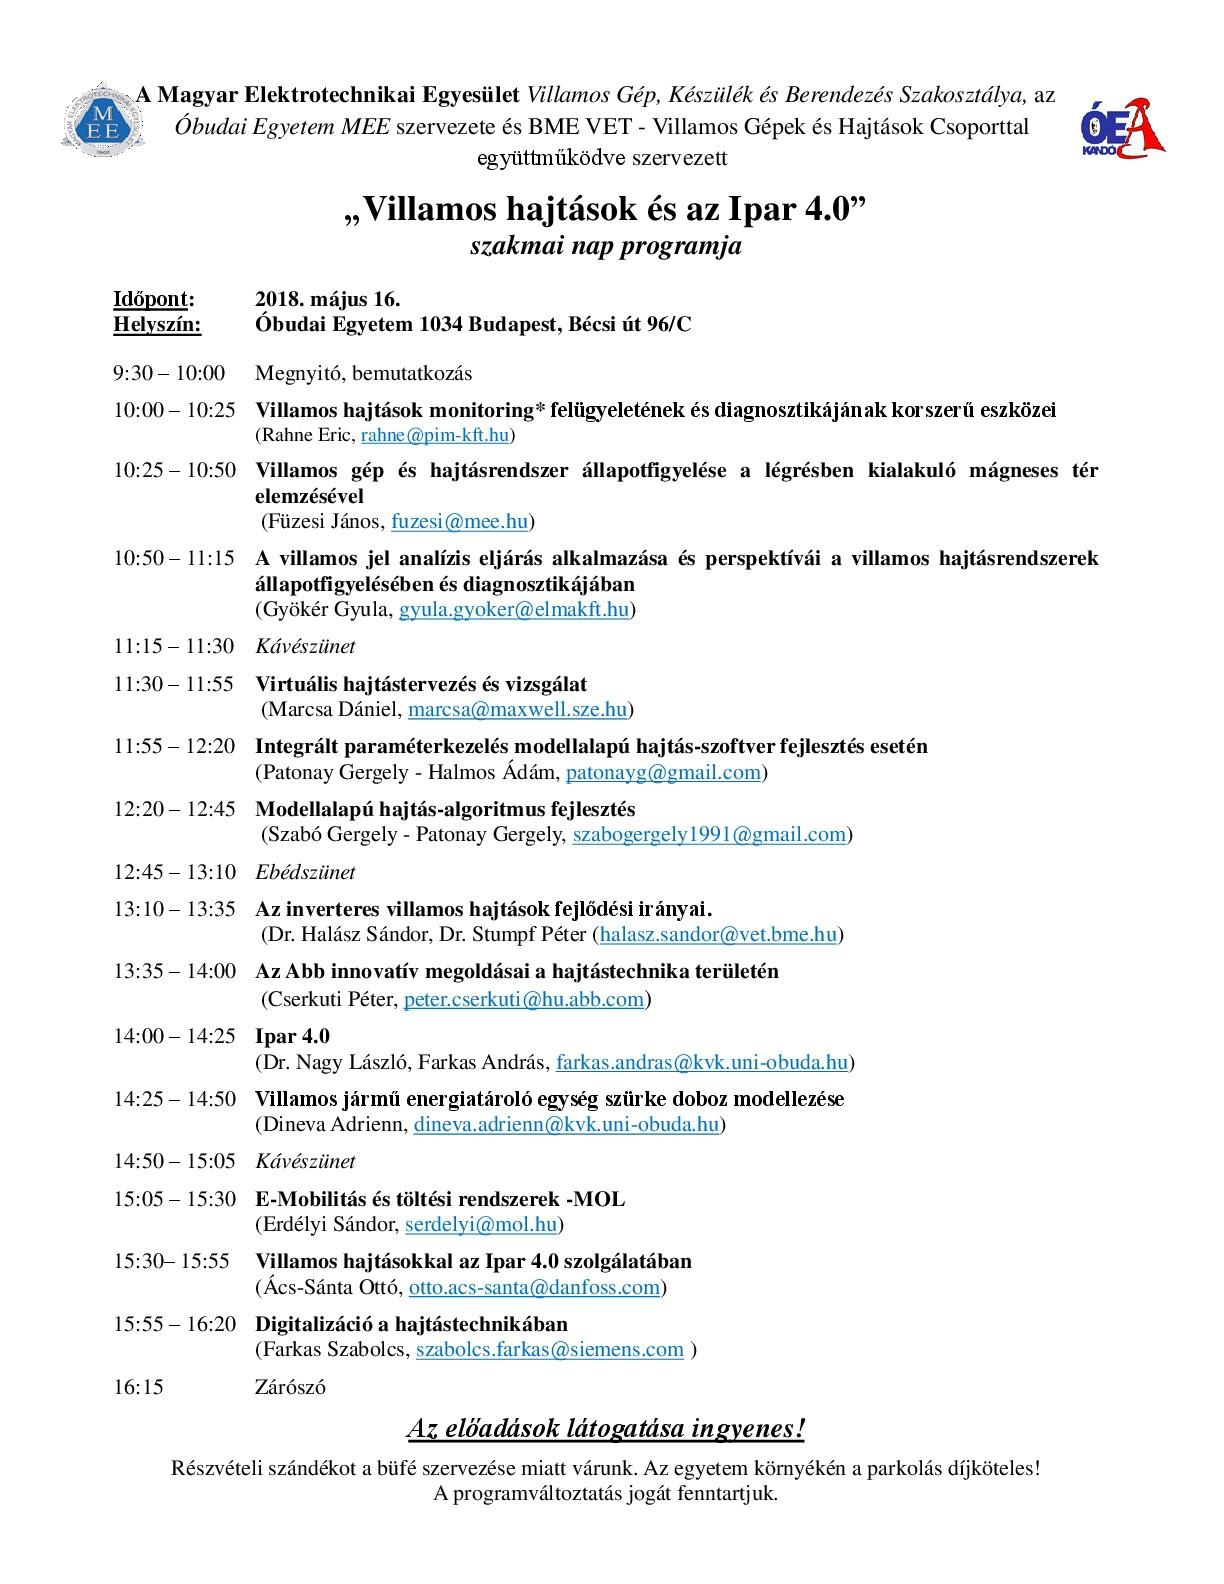 villamos_hajtsok_szakmai_nap_programja_1584